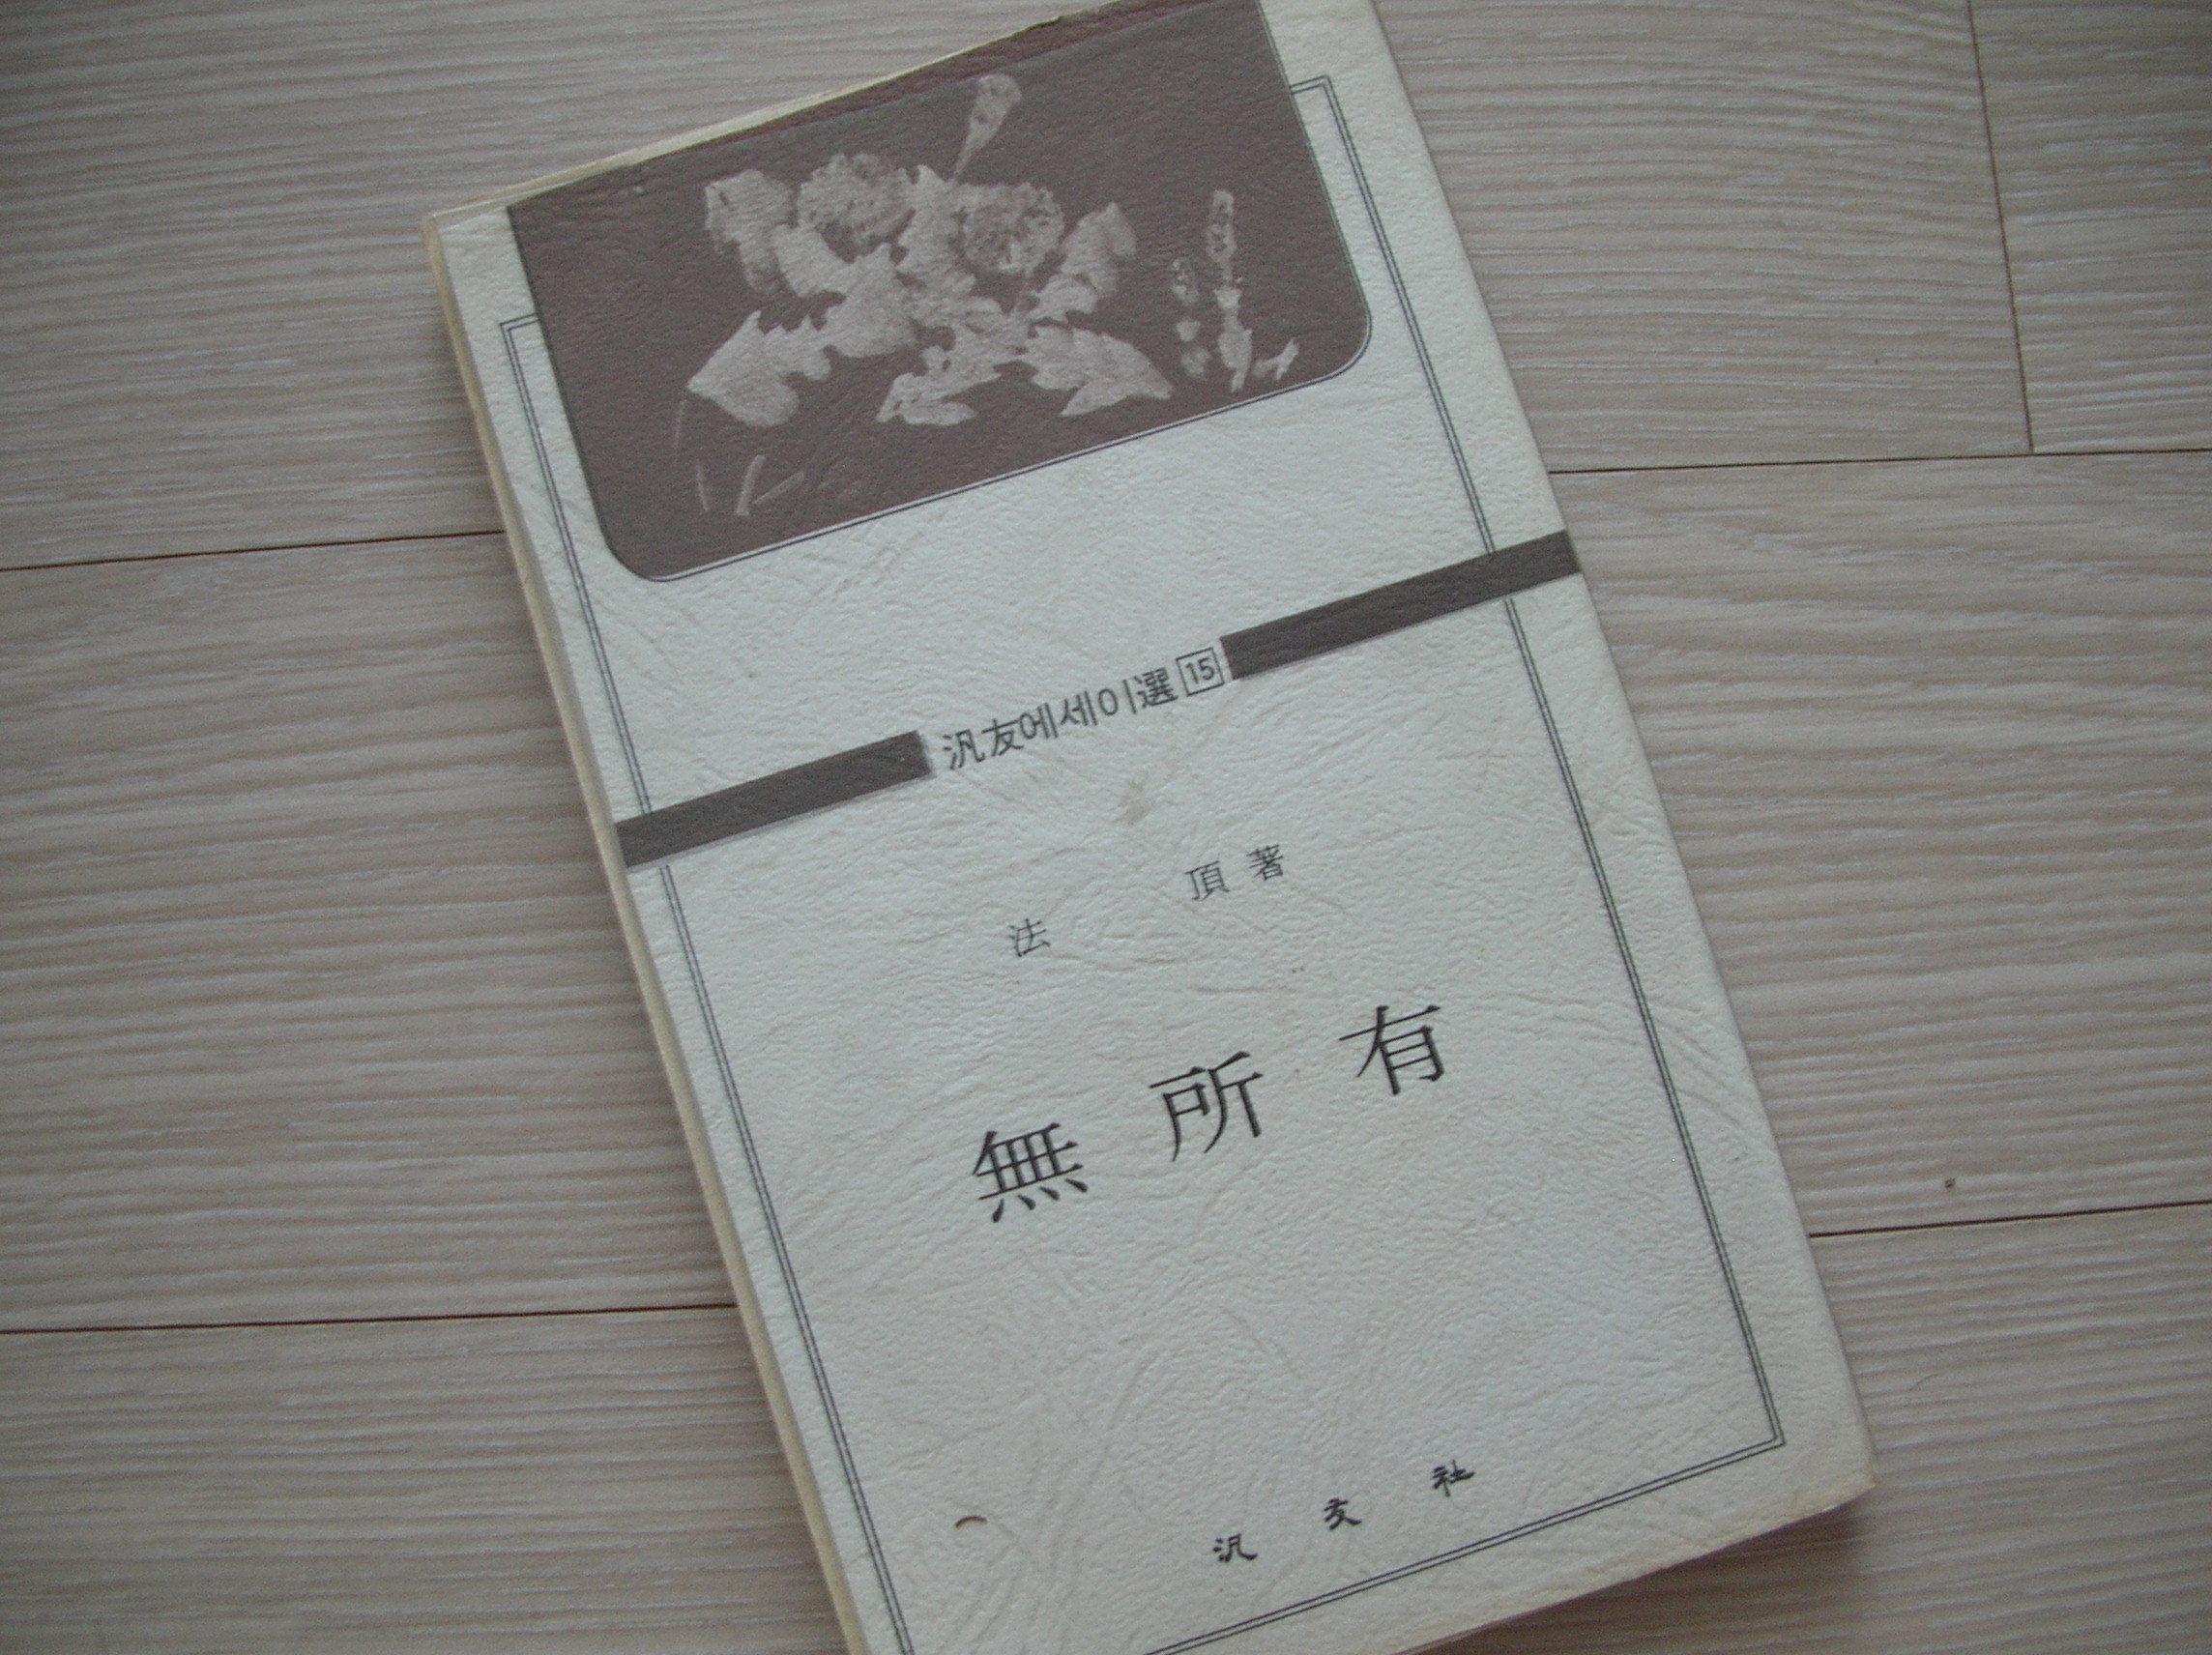 무소유 1977년 문고판